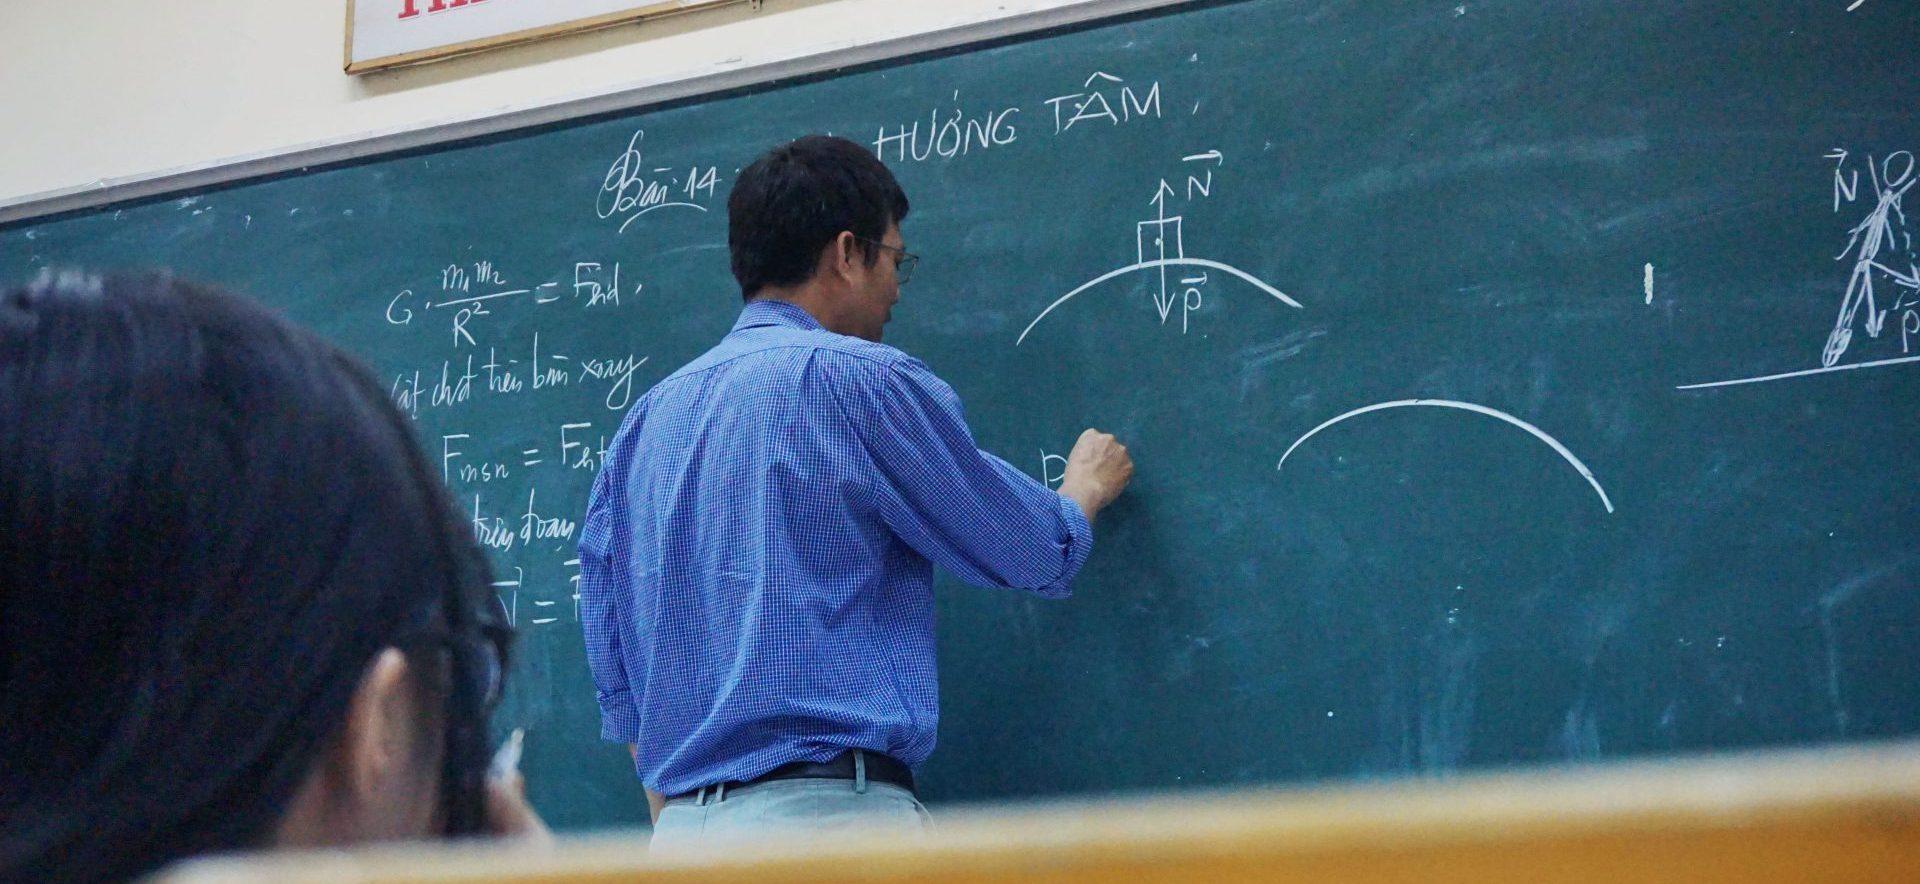 TeacherEducation aspect ratio 100x46